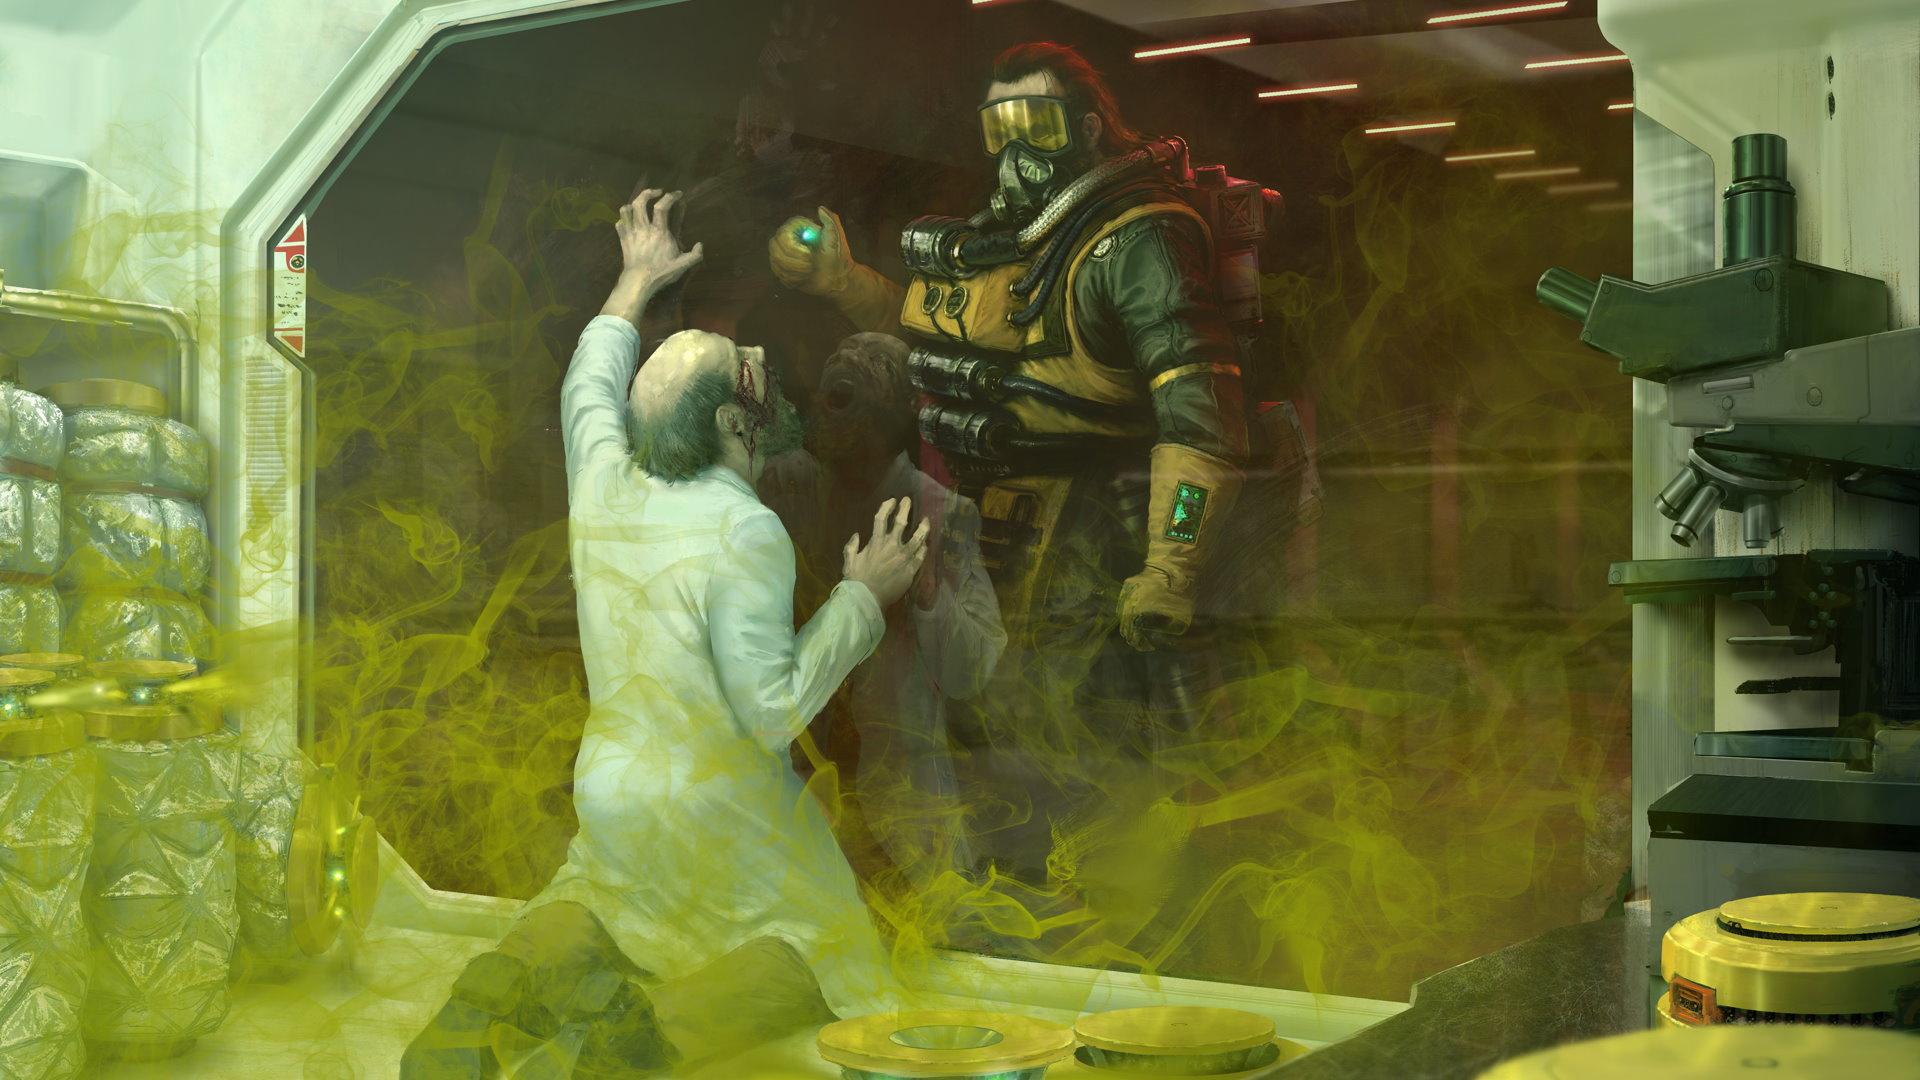 Датамайнер обнаружил способности нового персонажа Apex Legends